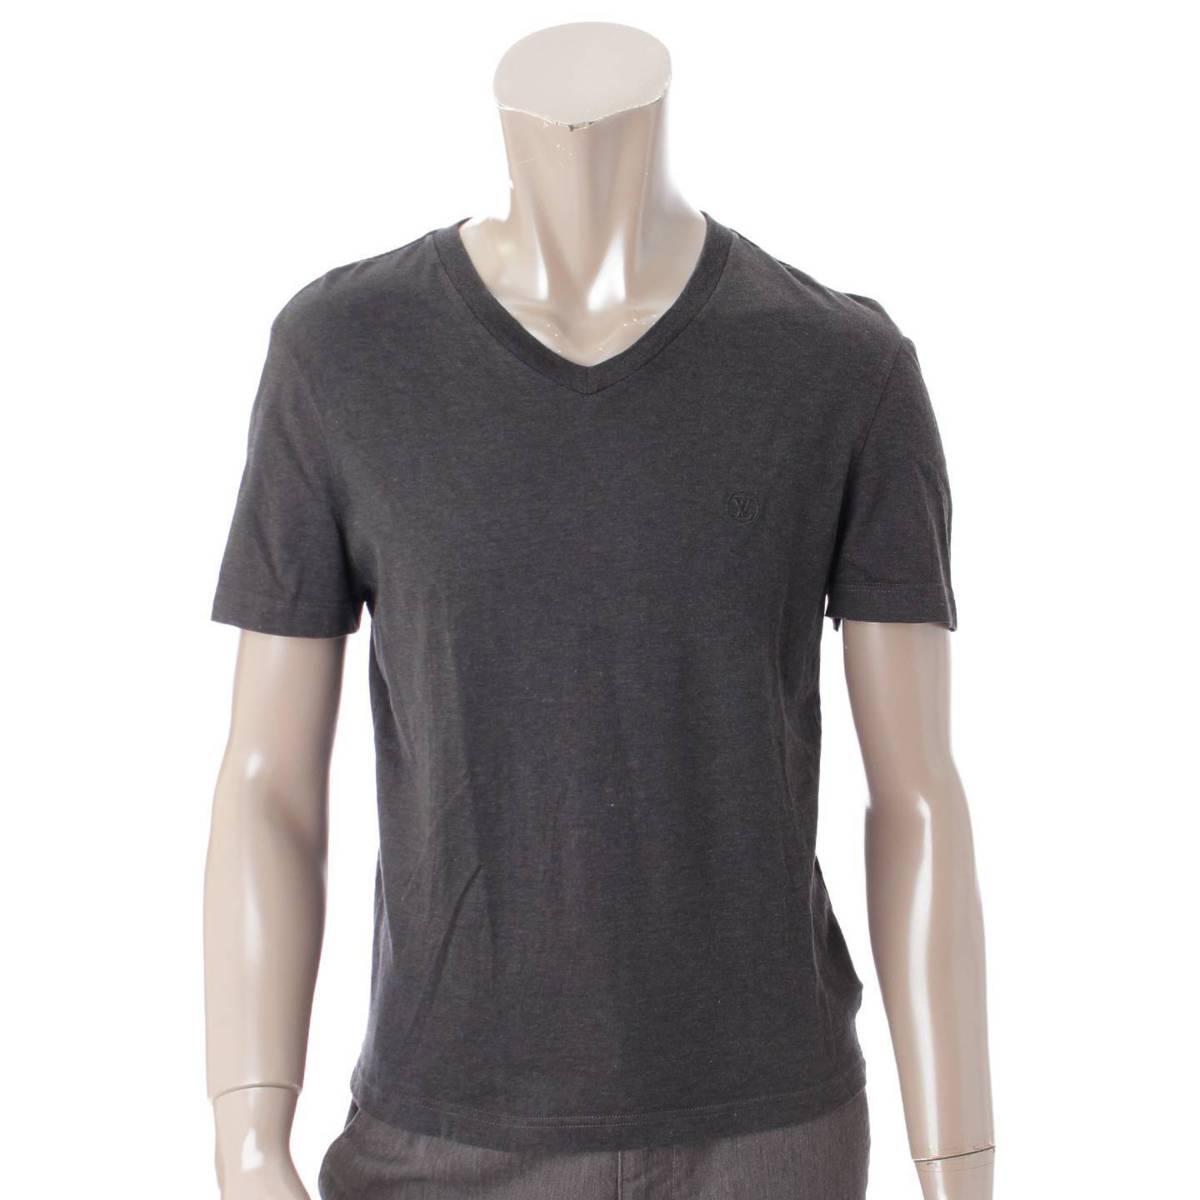 【ルイヴィトン】Louis Vuitton メンズ サークルロゴ刺繍 Vネック Tシャツ グレー XS 【中古】【鑑定済・正規品保証】87961